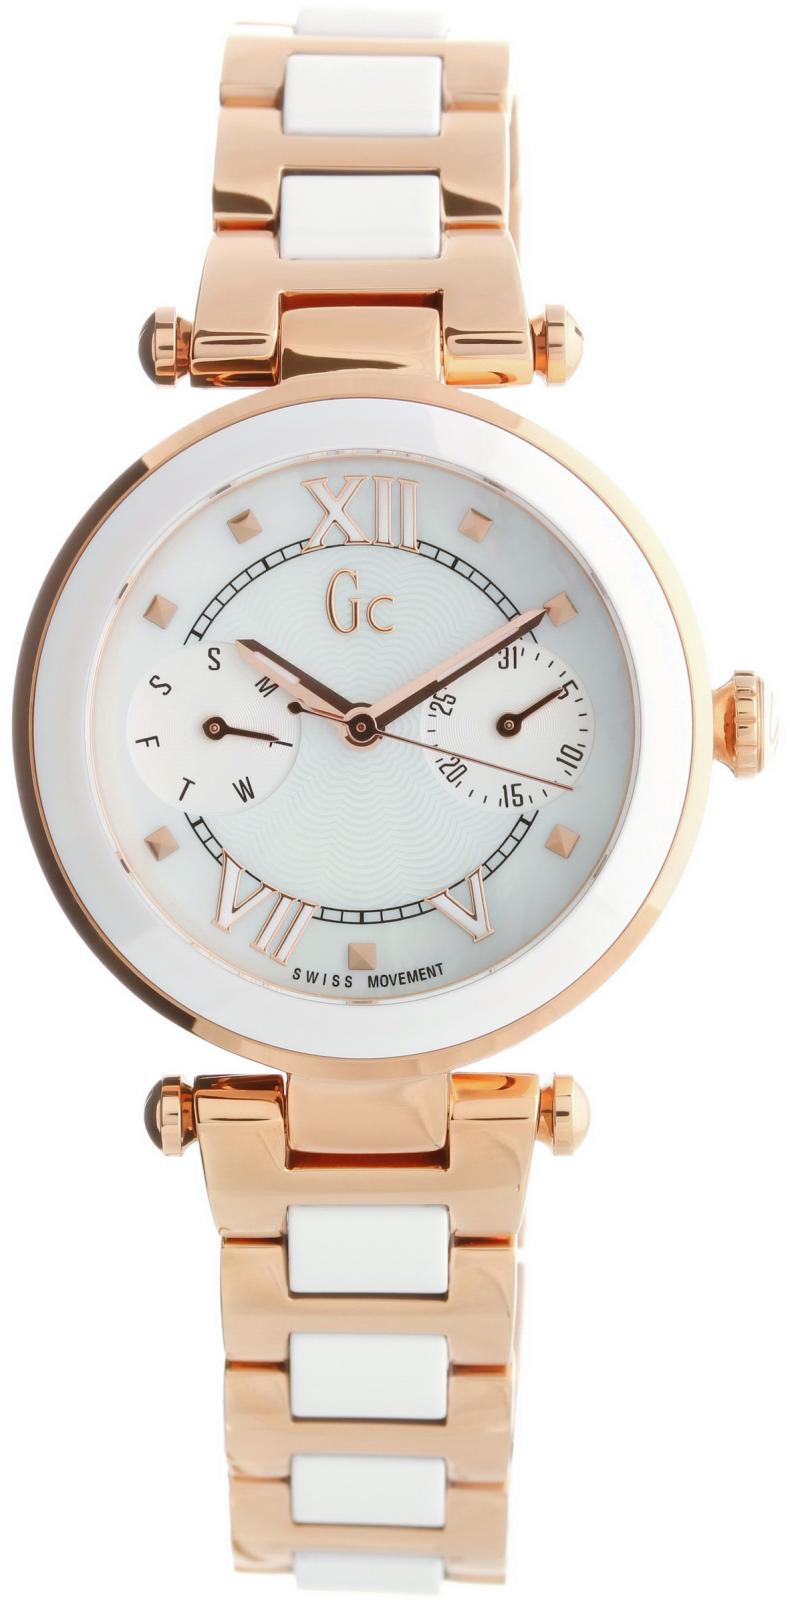 Gc Ladychic Y06004L1Наручные часы<br>Швейцарские часы Gc Ladychic Y06004L1<br><br>Пол: Женские<br>Страна-производитель: Швейцария<br>Механизм: Кварцевый<br>Материал корпуса: Сталь<br>Материал ремня/браслета: Сталь<br>Водозащита, диапазон: None<br>Стекло: Минеральное<br>Толщина корпуса: None<br>Стиль: None